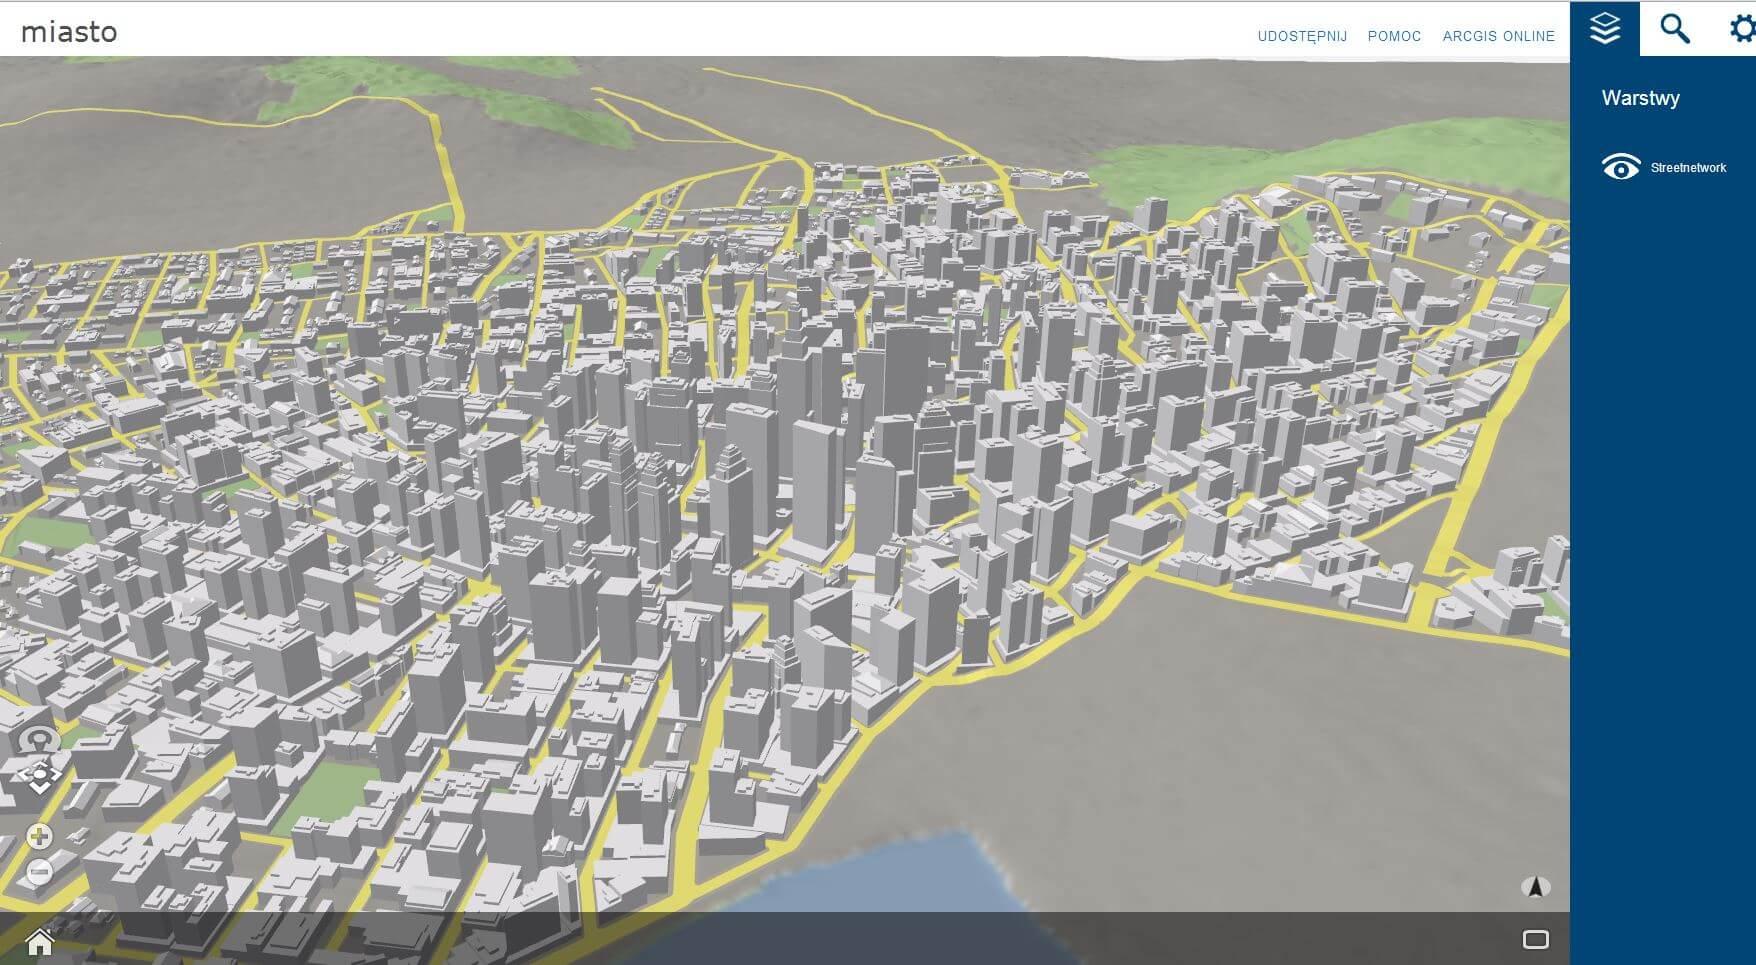 Rys. 4. Ukończony projekt w ArcGIS Online - widok w przeglądarce.